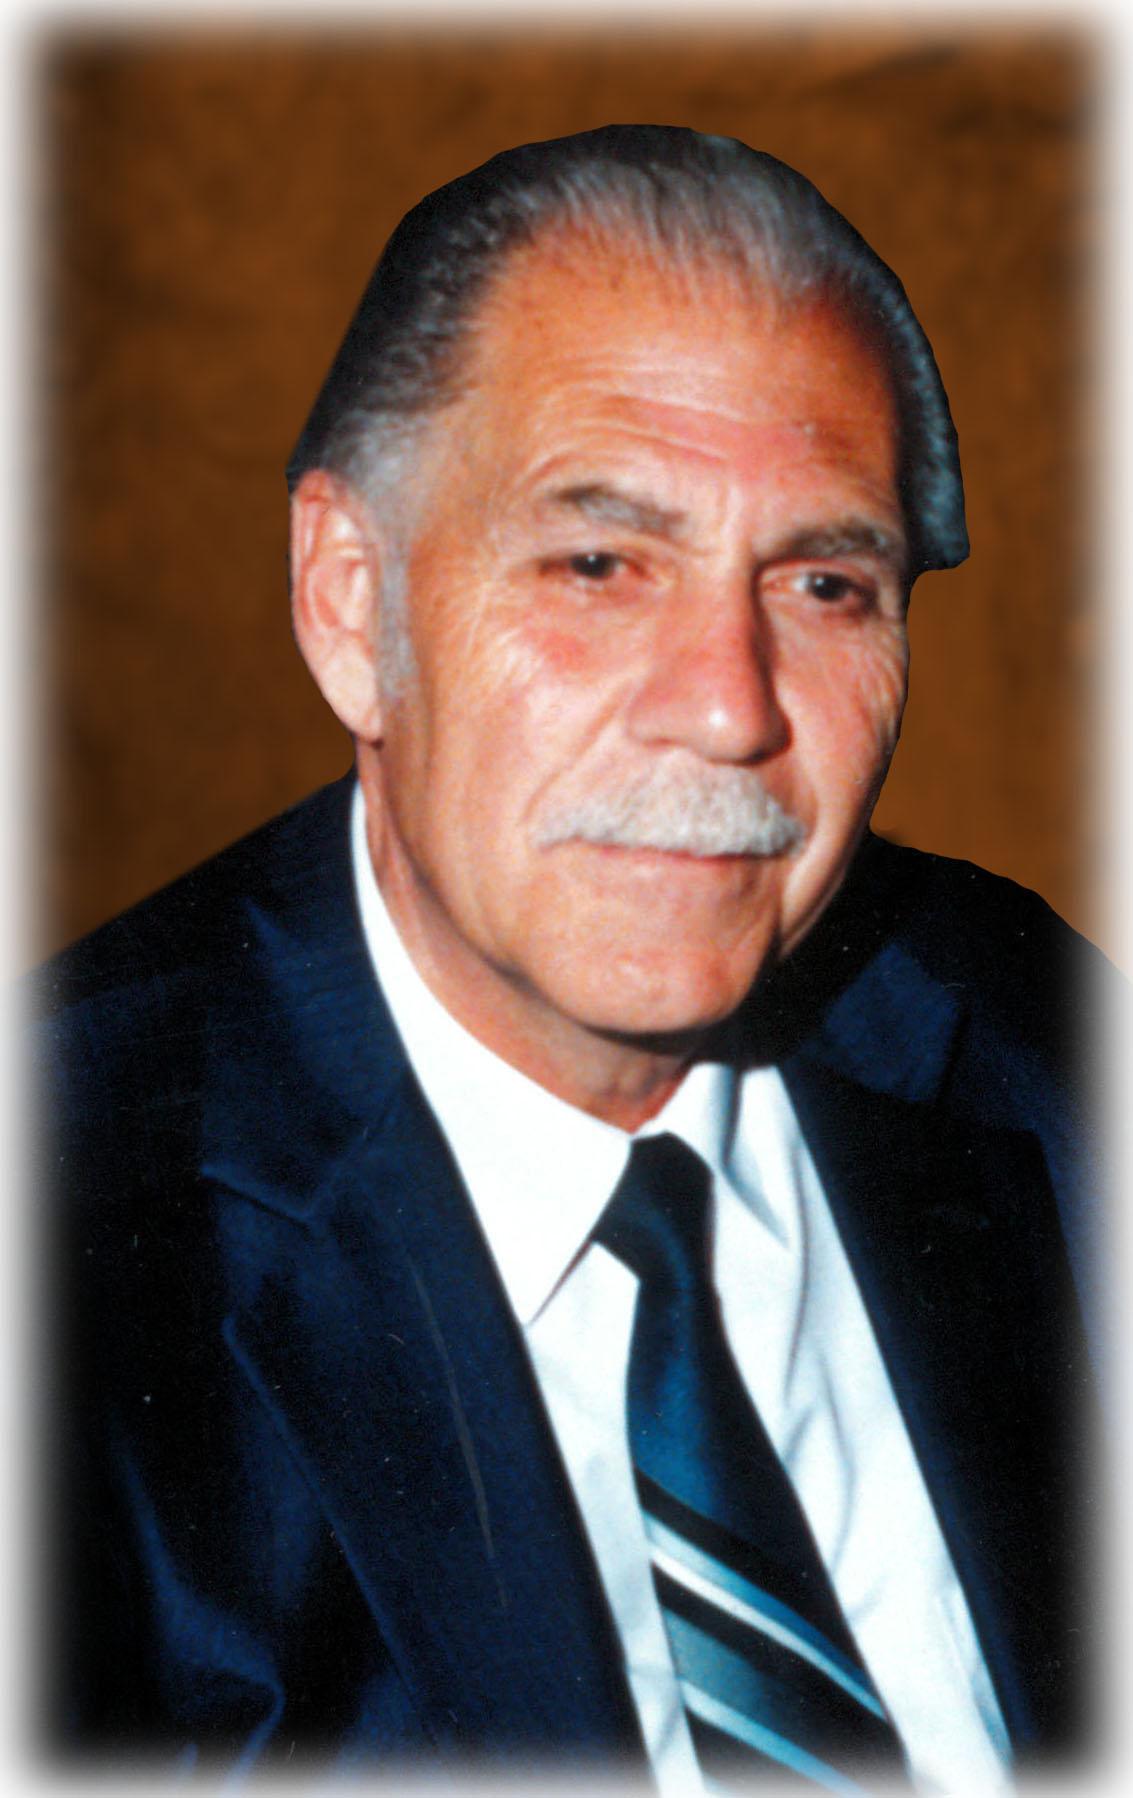 Obituary: RALPH J. BATONE